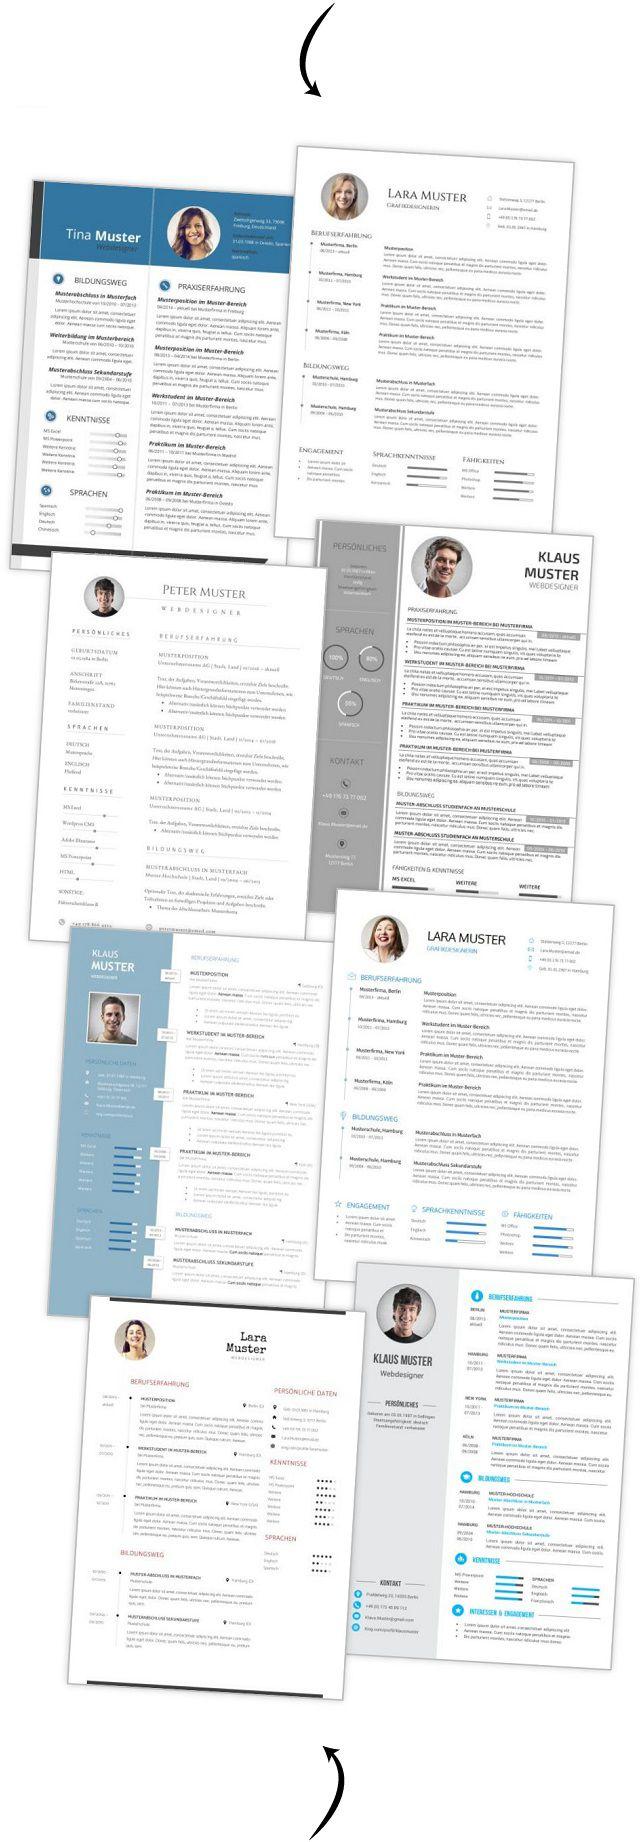 Bewerbungsvorlagen – 77 Muster Für Bewerbung 2018